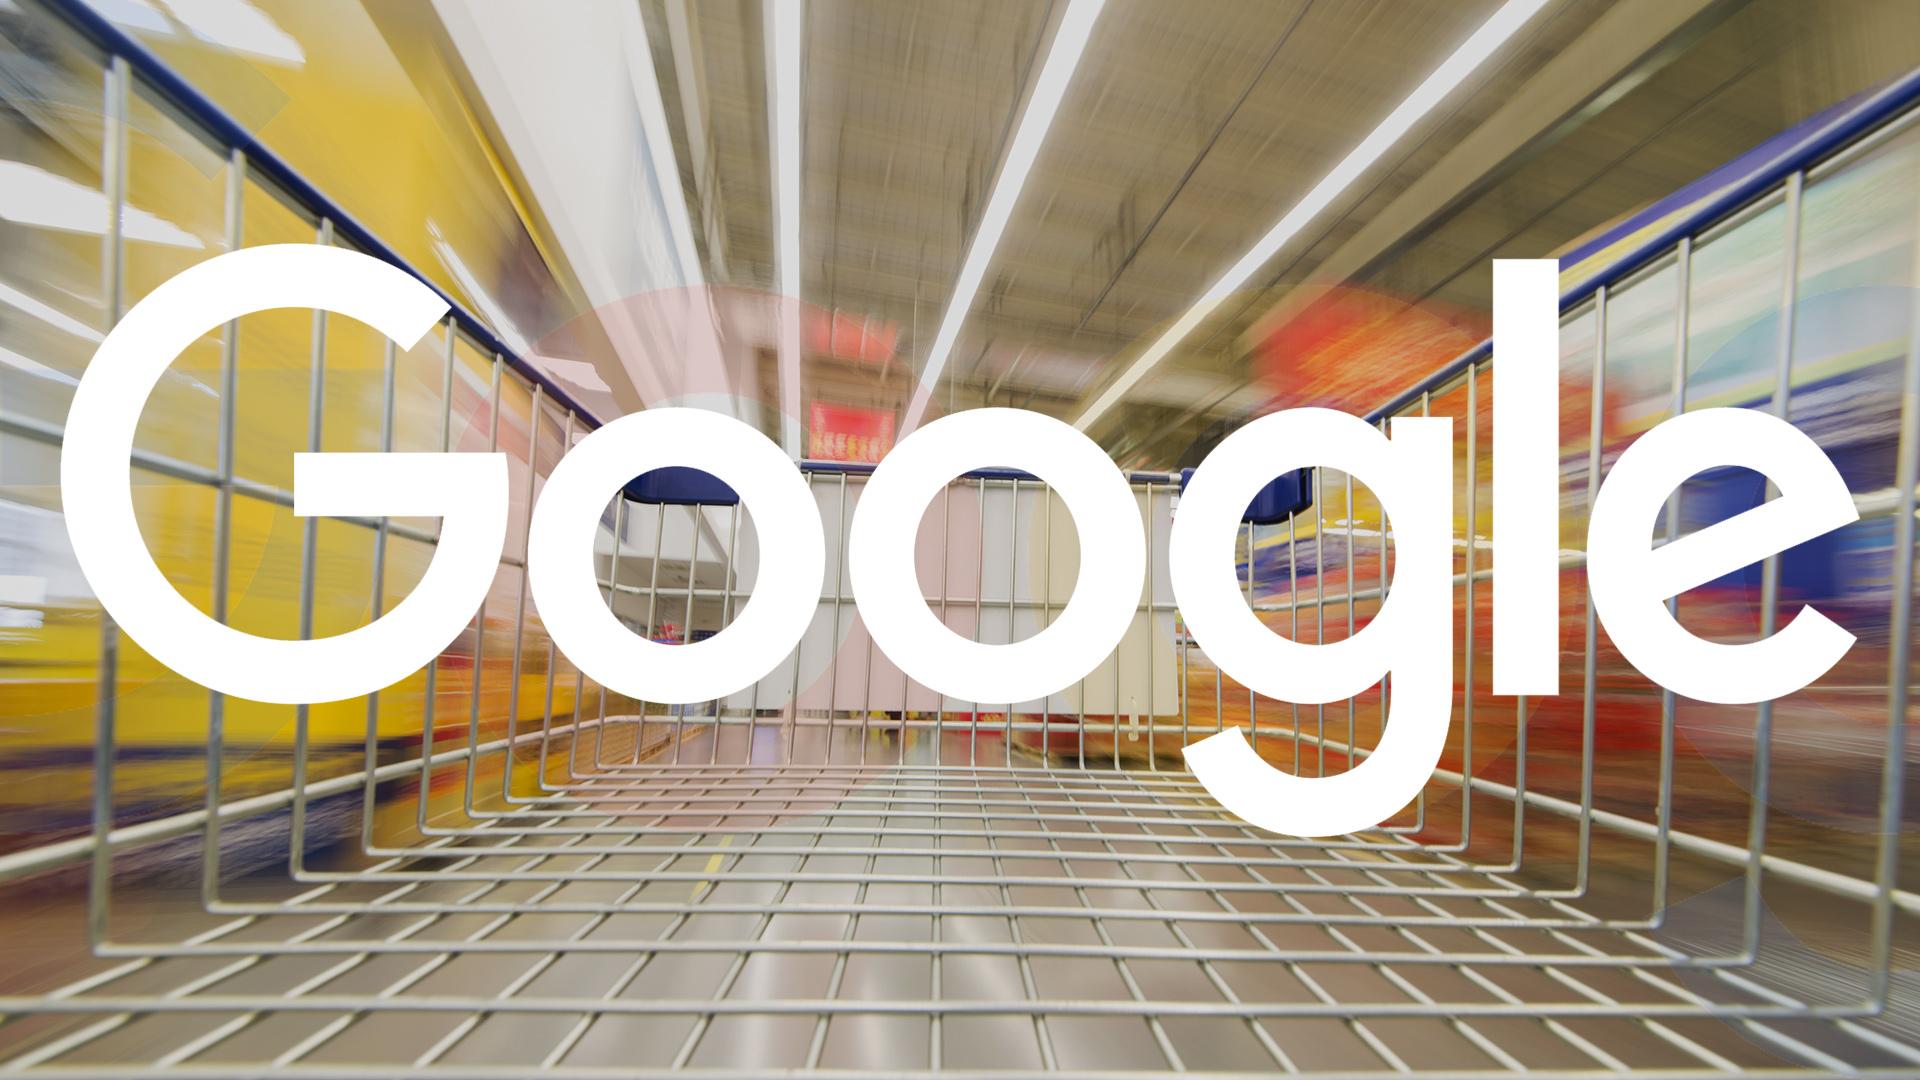 google-shopping-cart-2016a-ss-1920